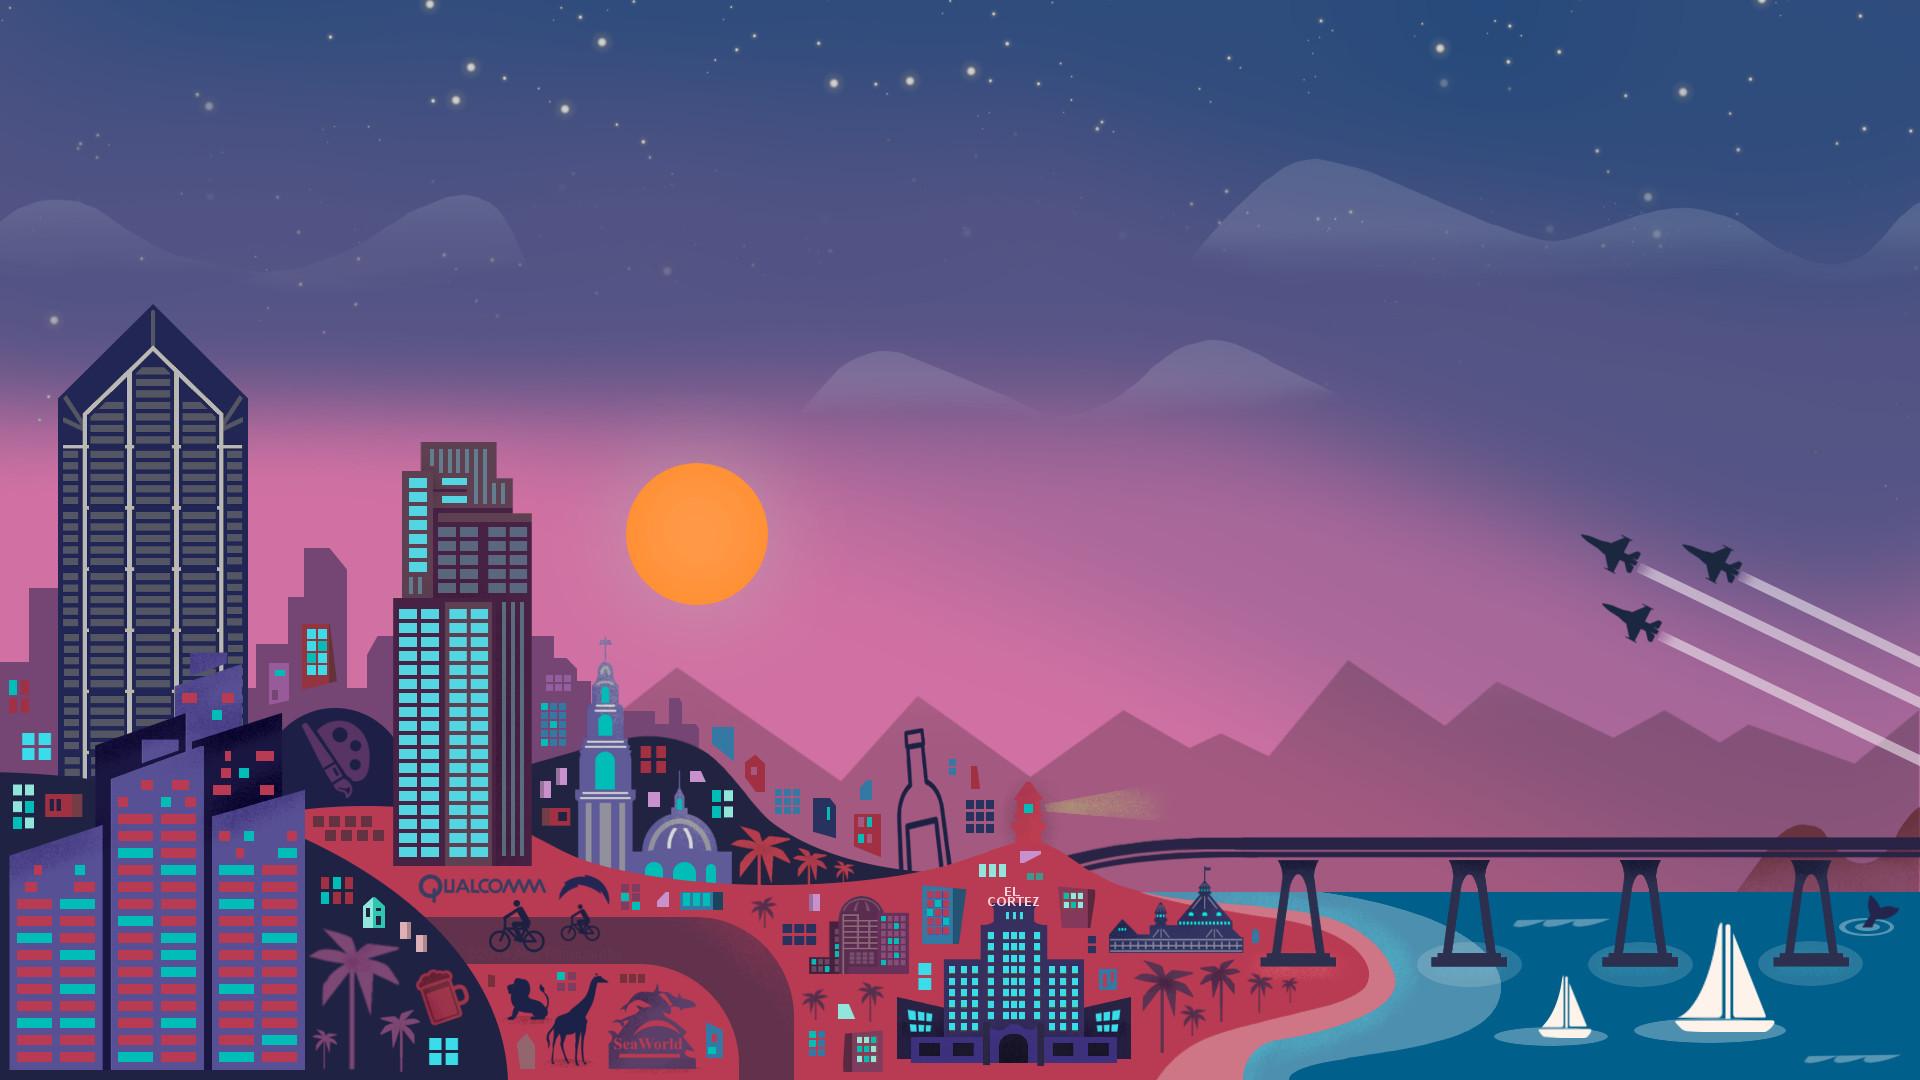 Macbook Pro Wallpaper Background